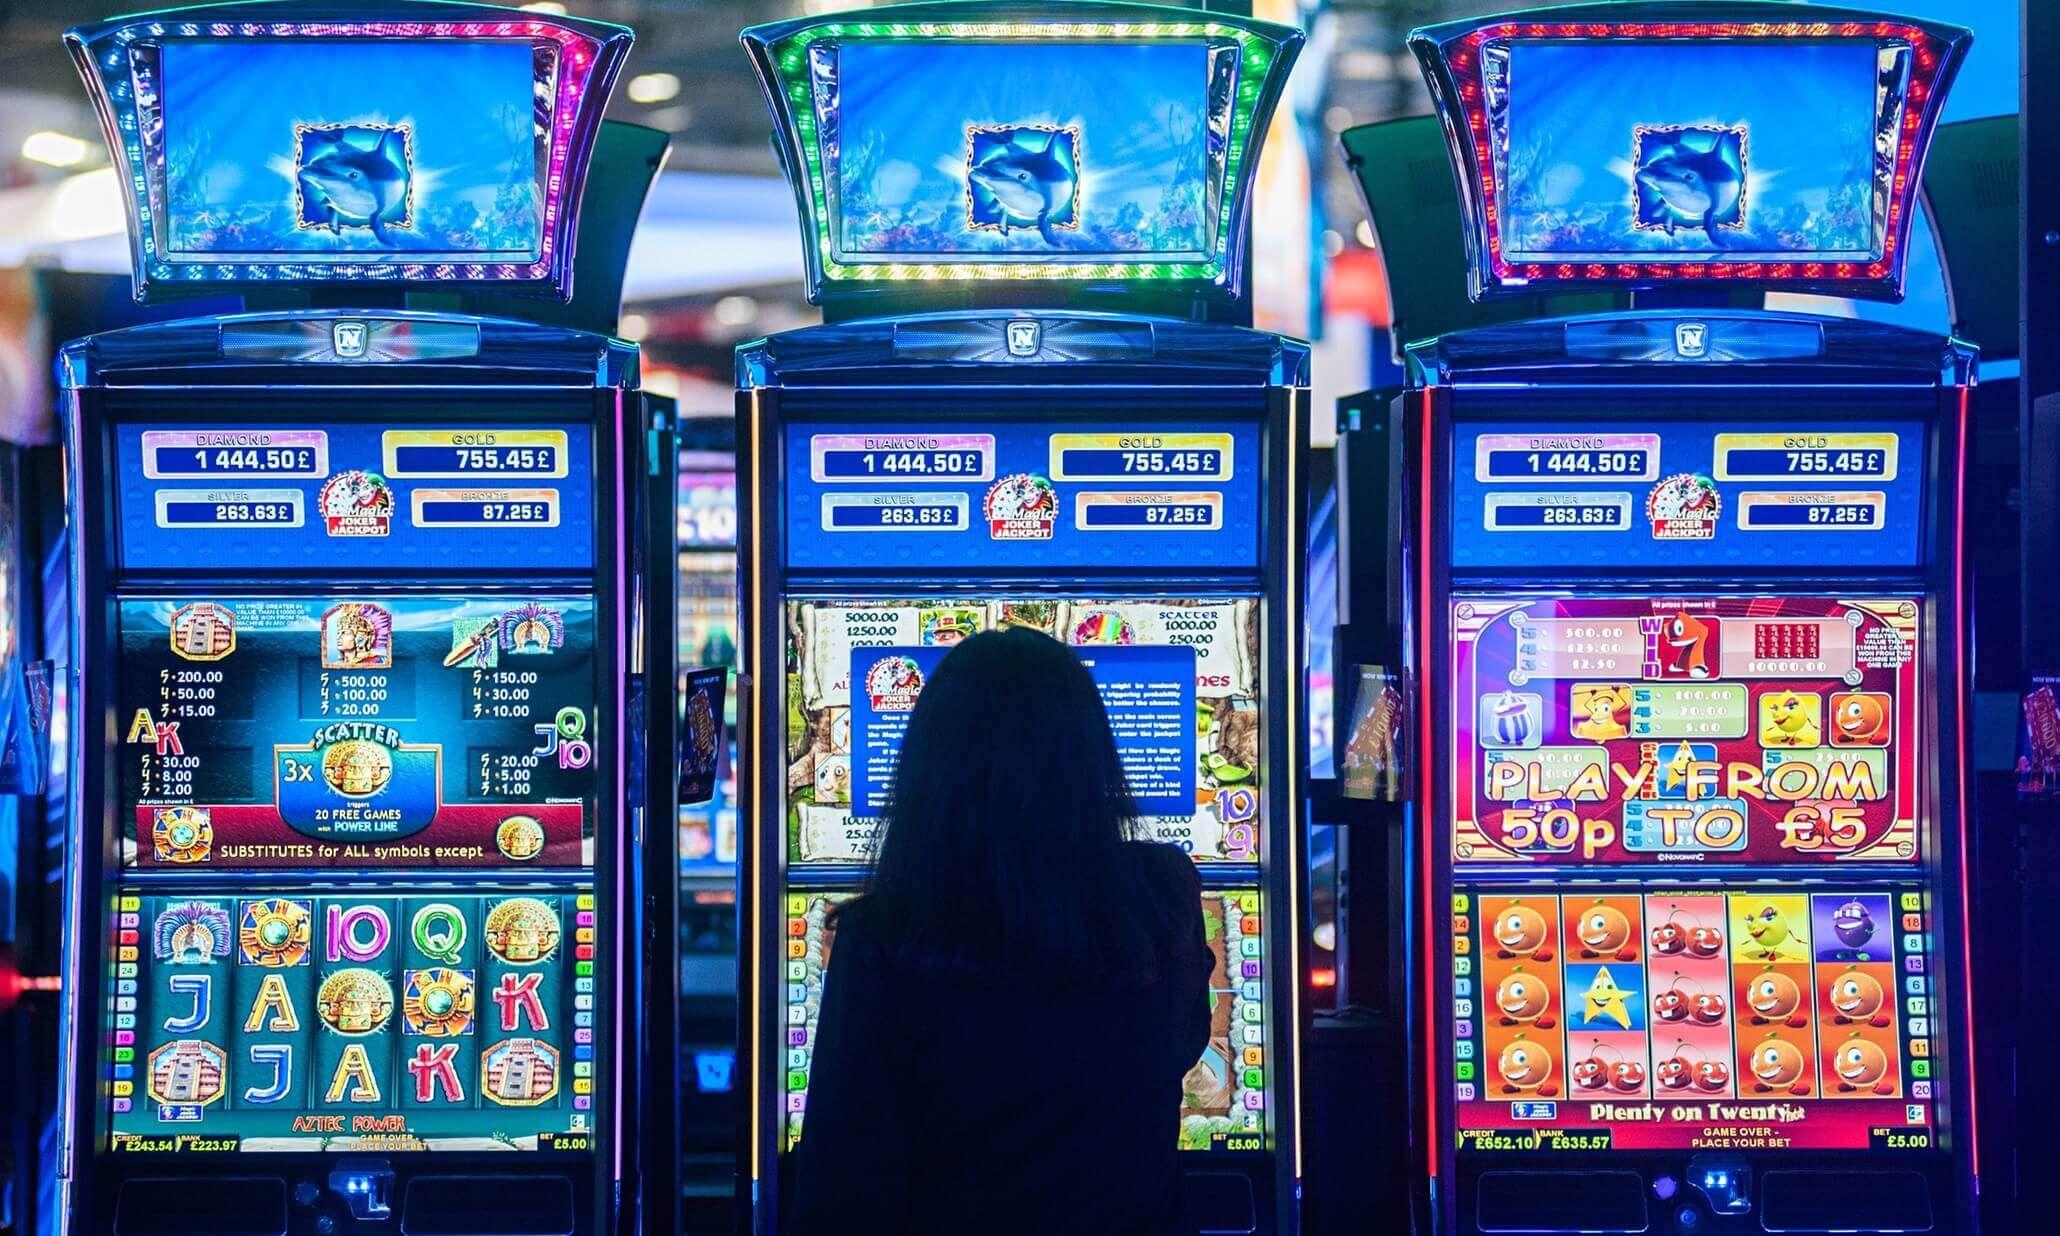 Игровые автоматы дельфины играть онлайн